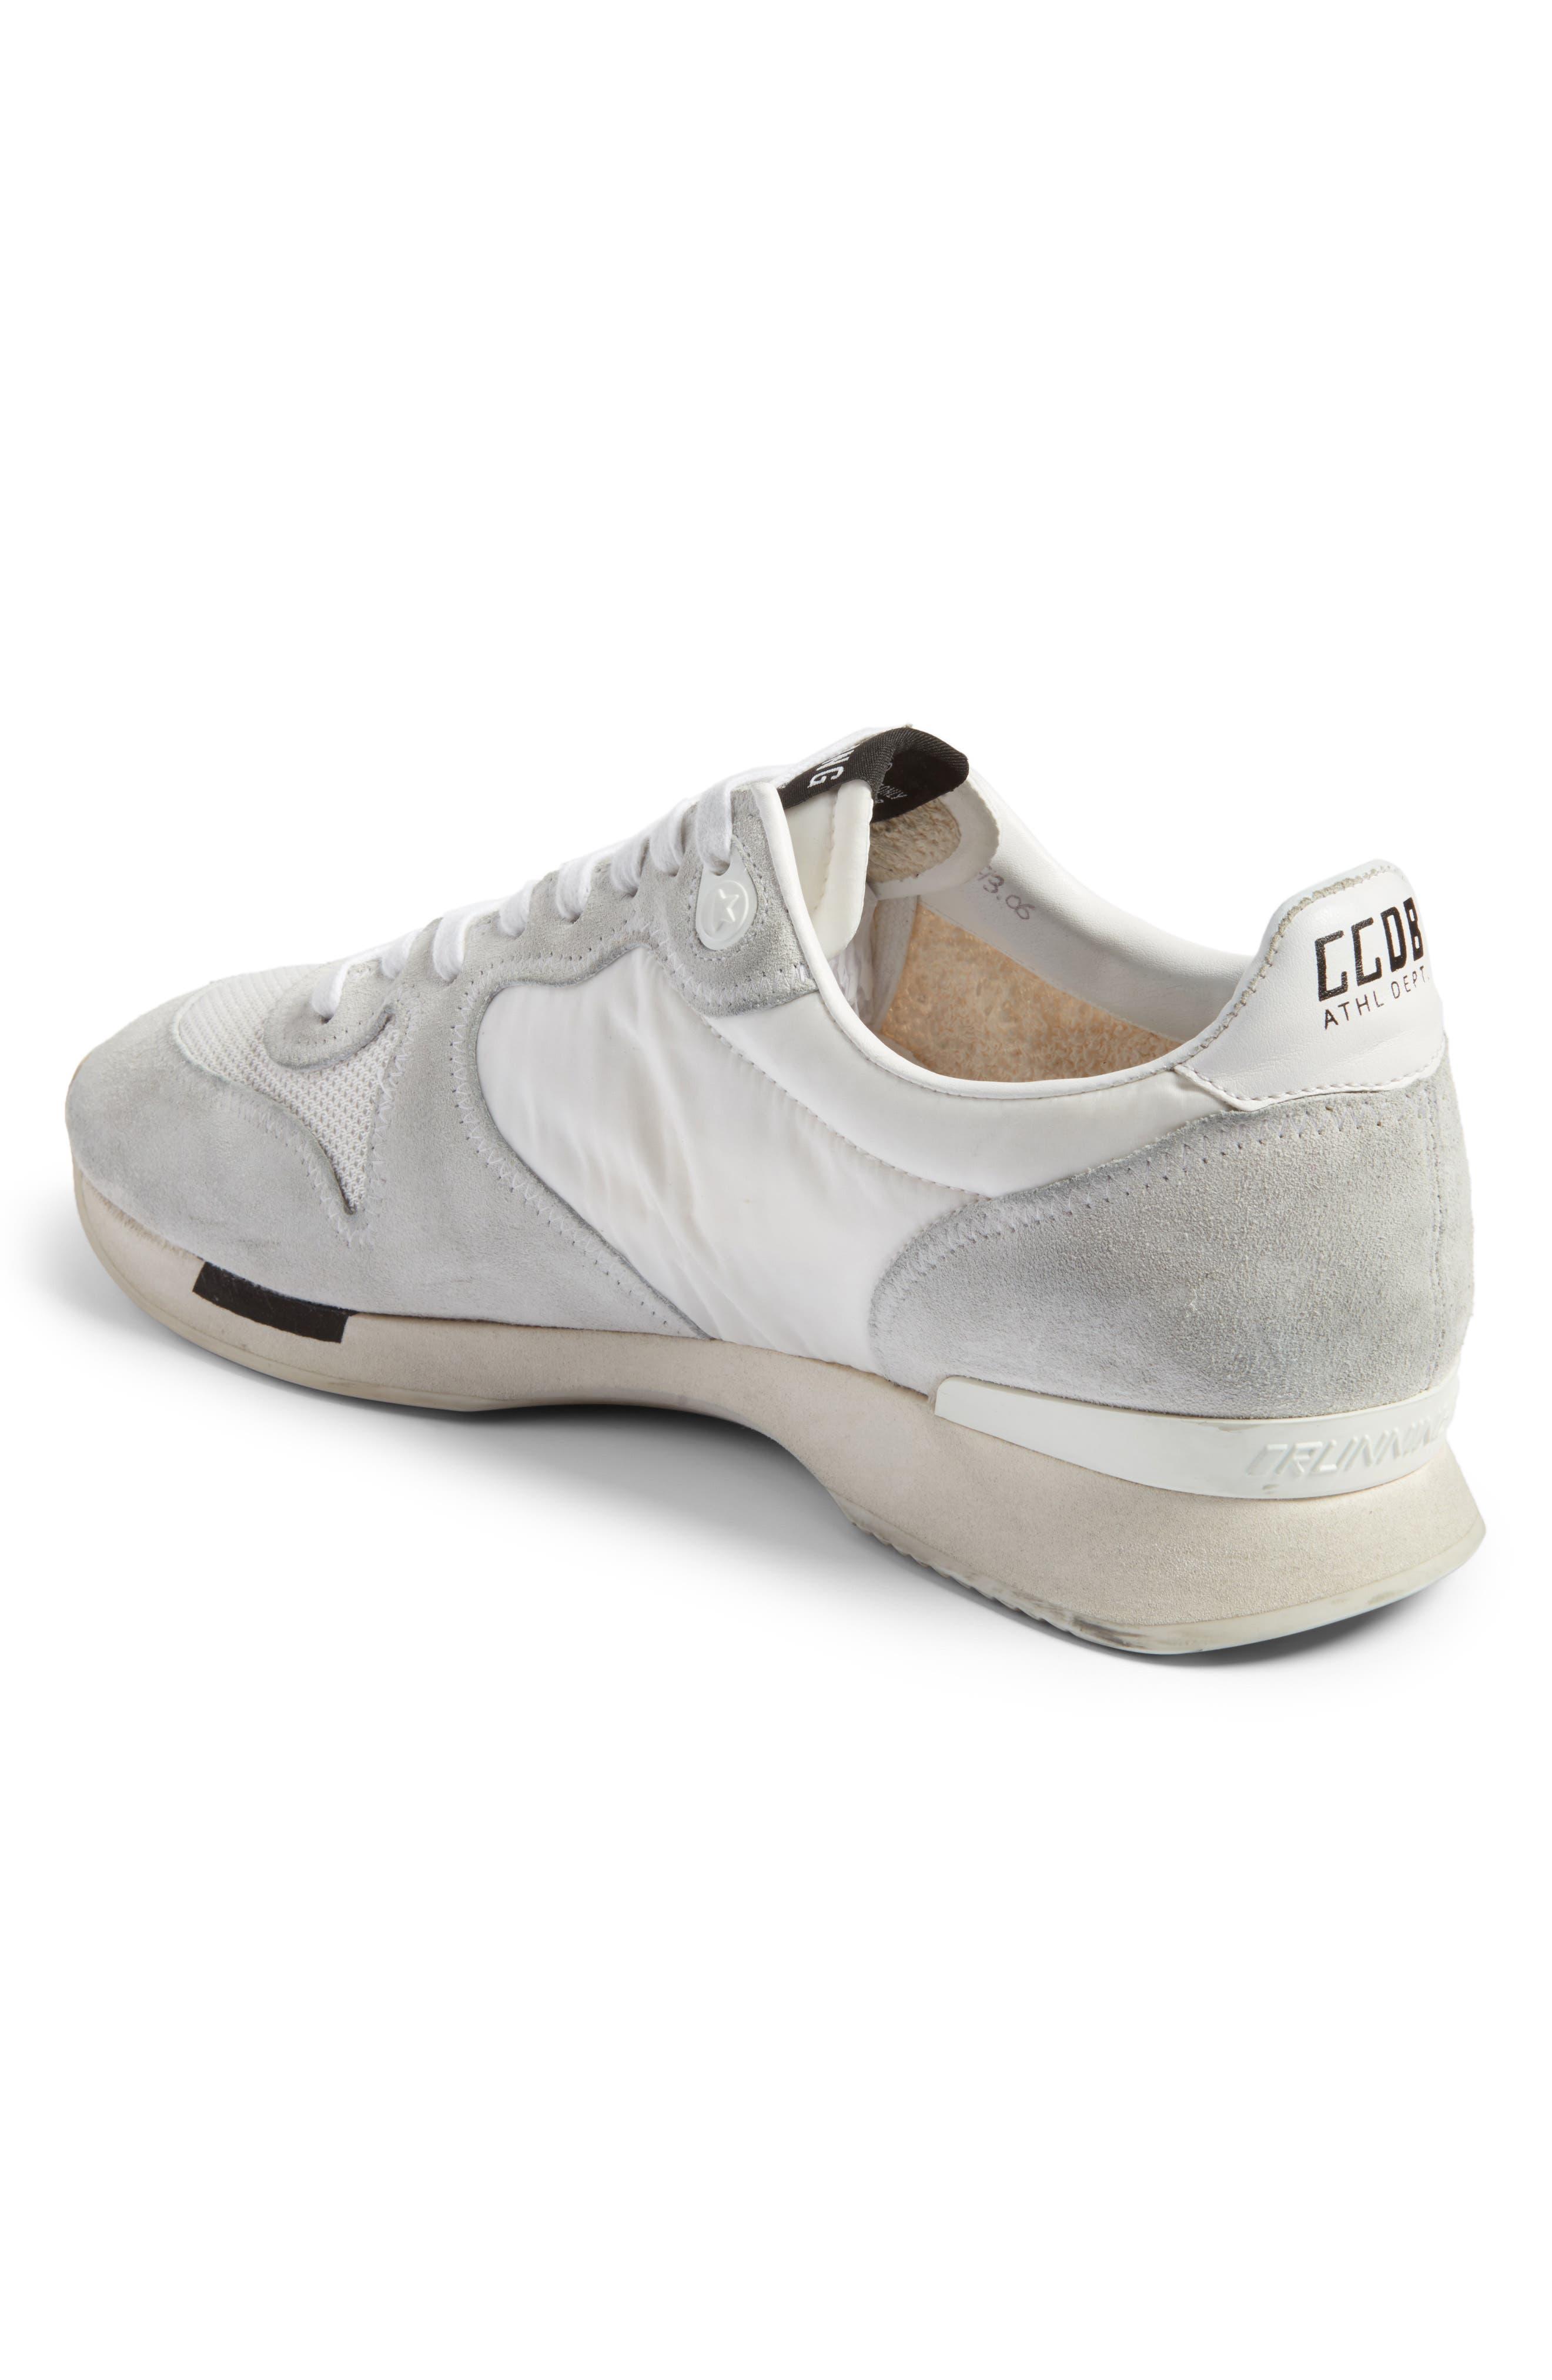 Alternate Image 2  - Golden Goose Running Trainer Sneaker (Women)